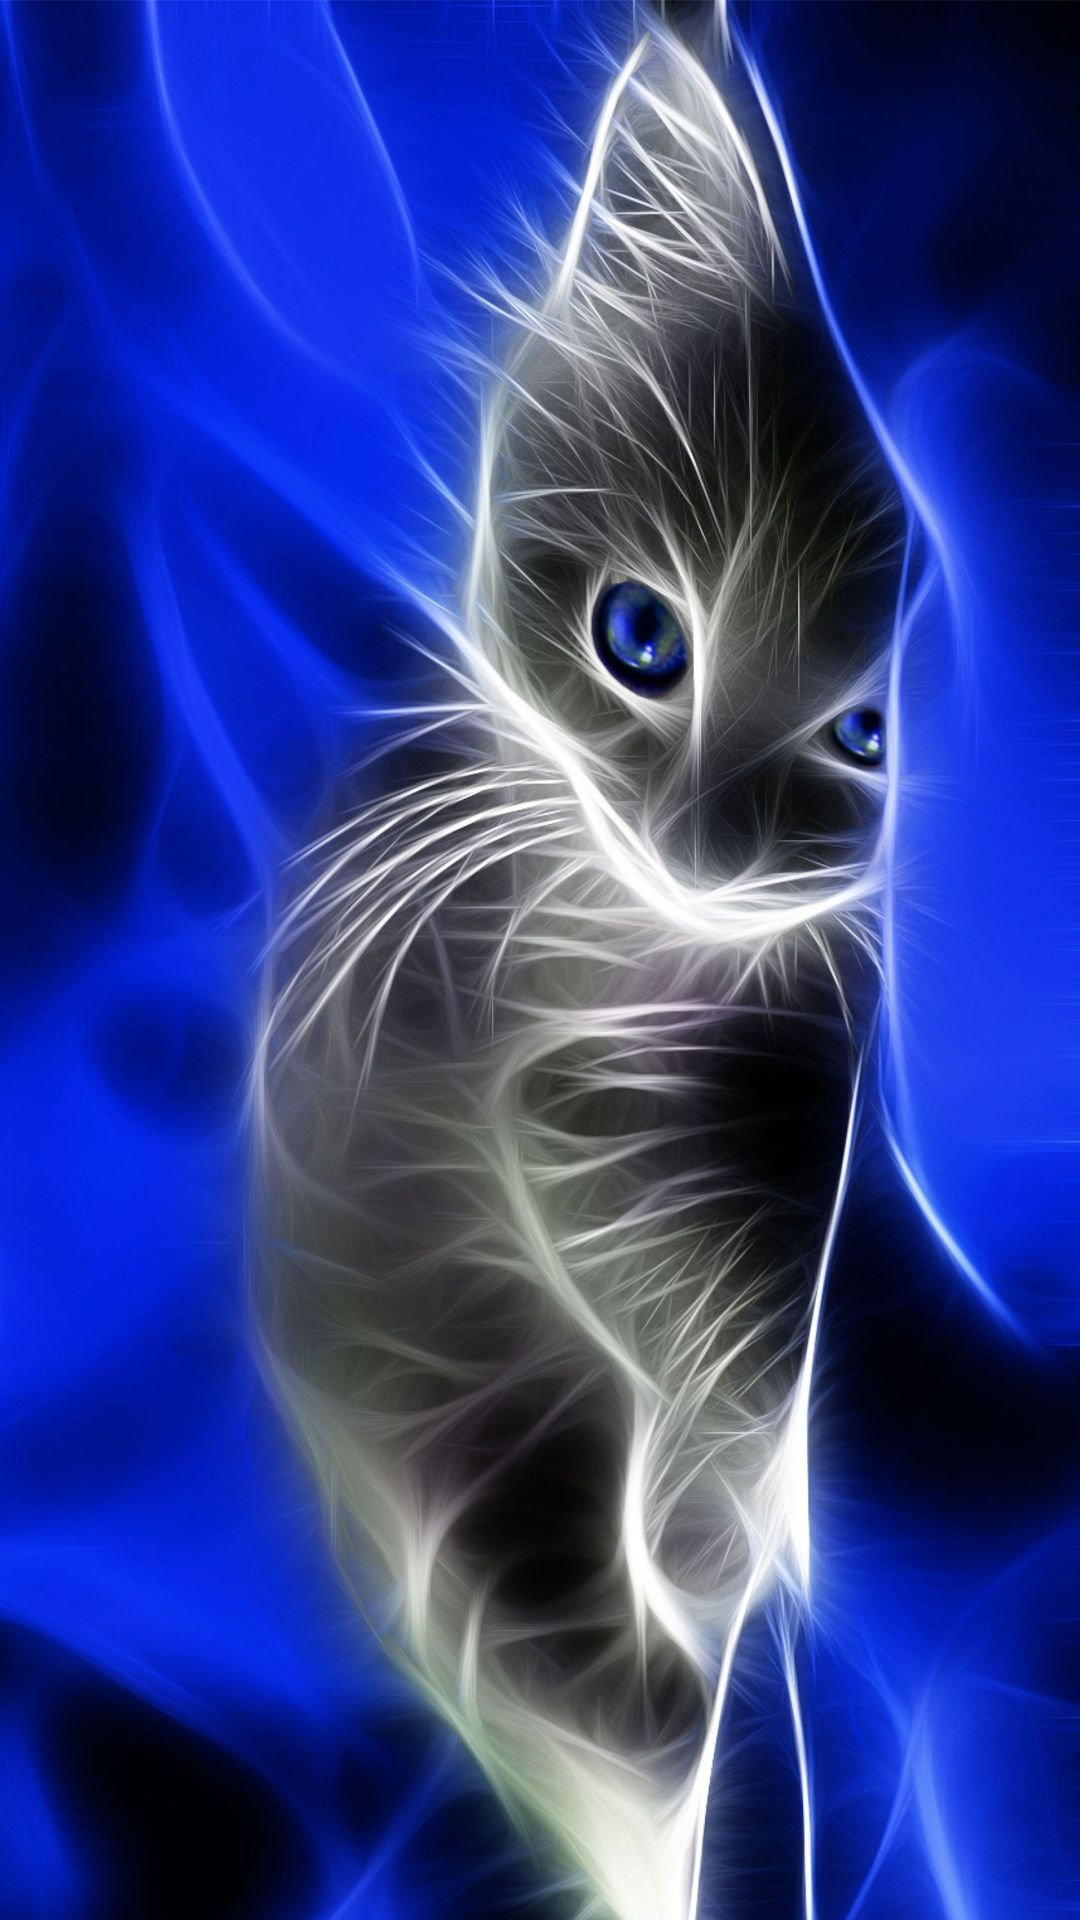 Iphone Wallpaper Cute High Resolution Freetemplate Xyz Cute Animals Cats Animals